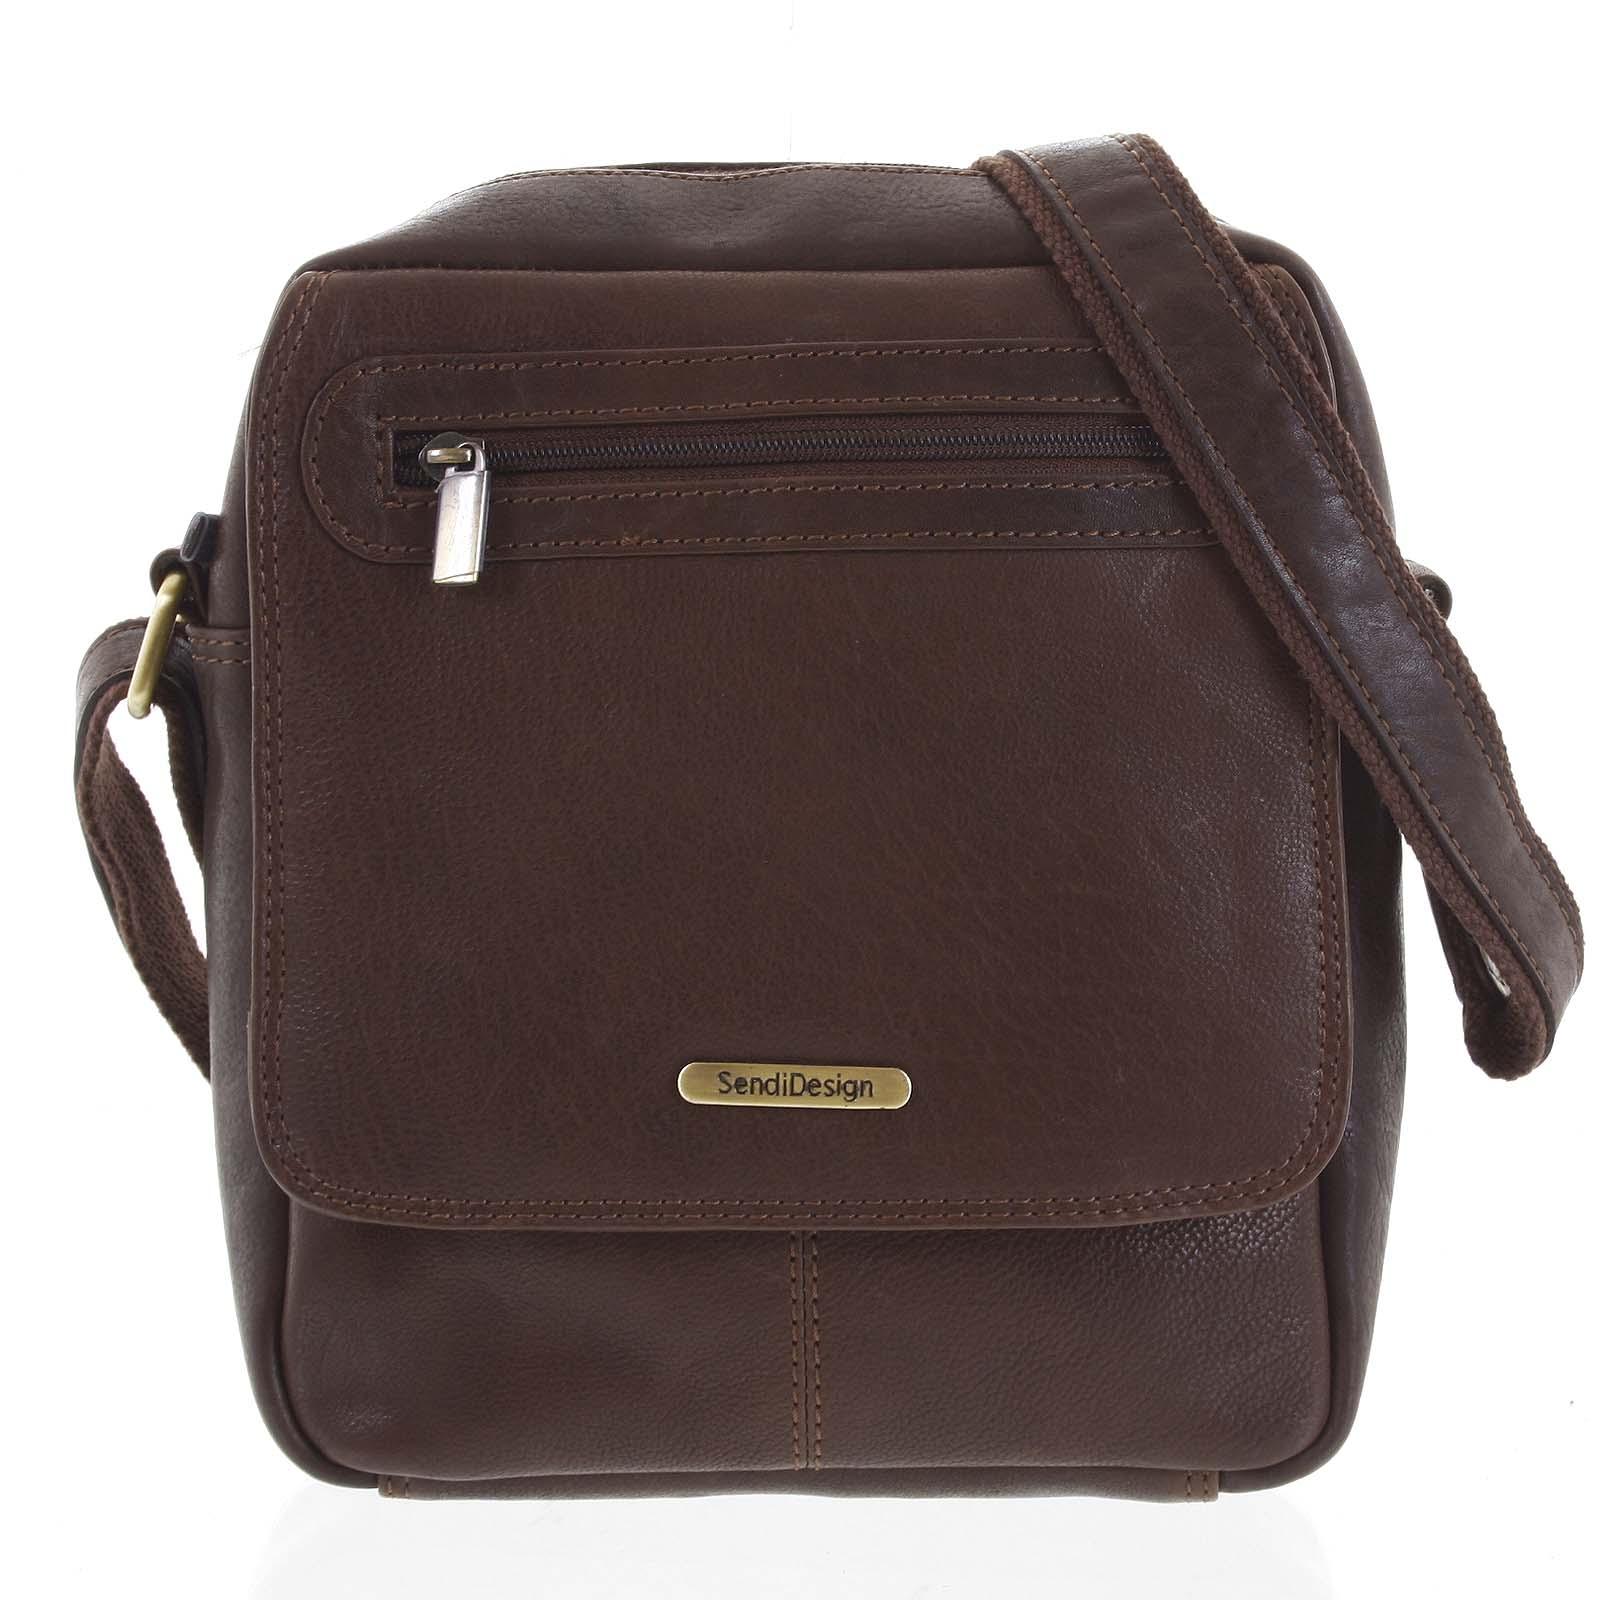 Kožená pánská taška přes rameno hnědá - SendiDesign Edmar